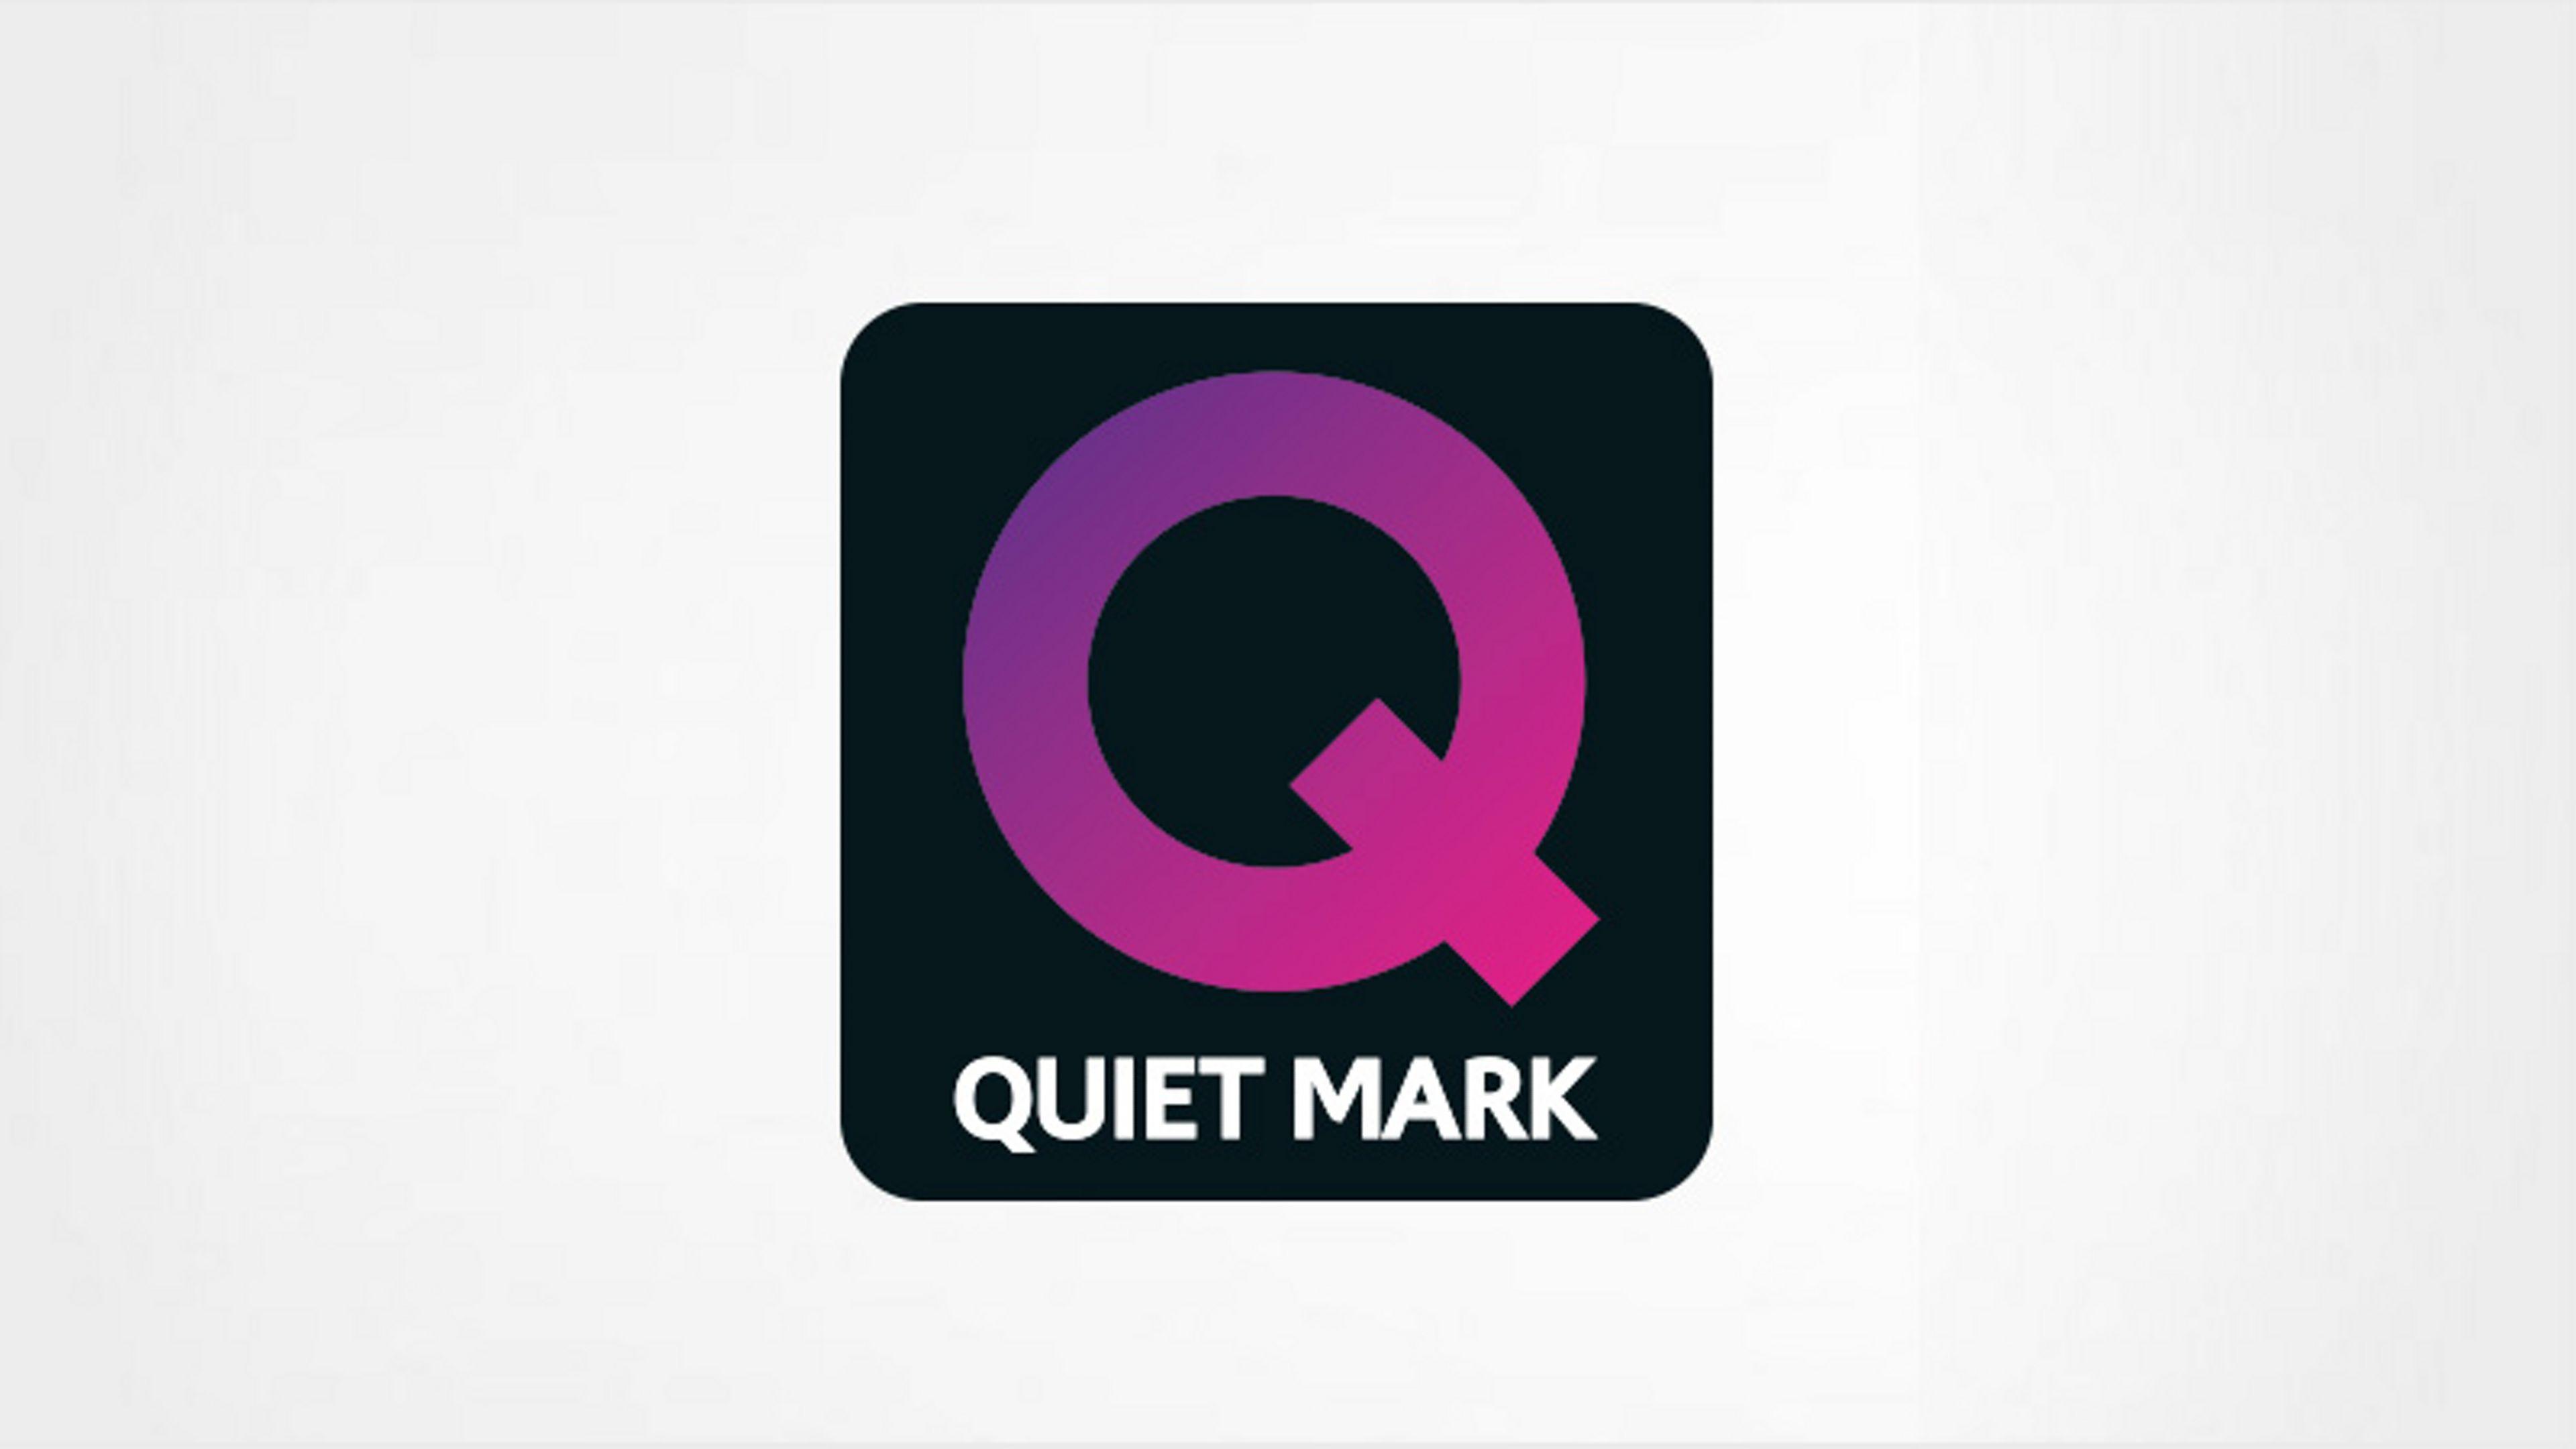 Quiet Mark logo